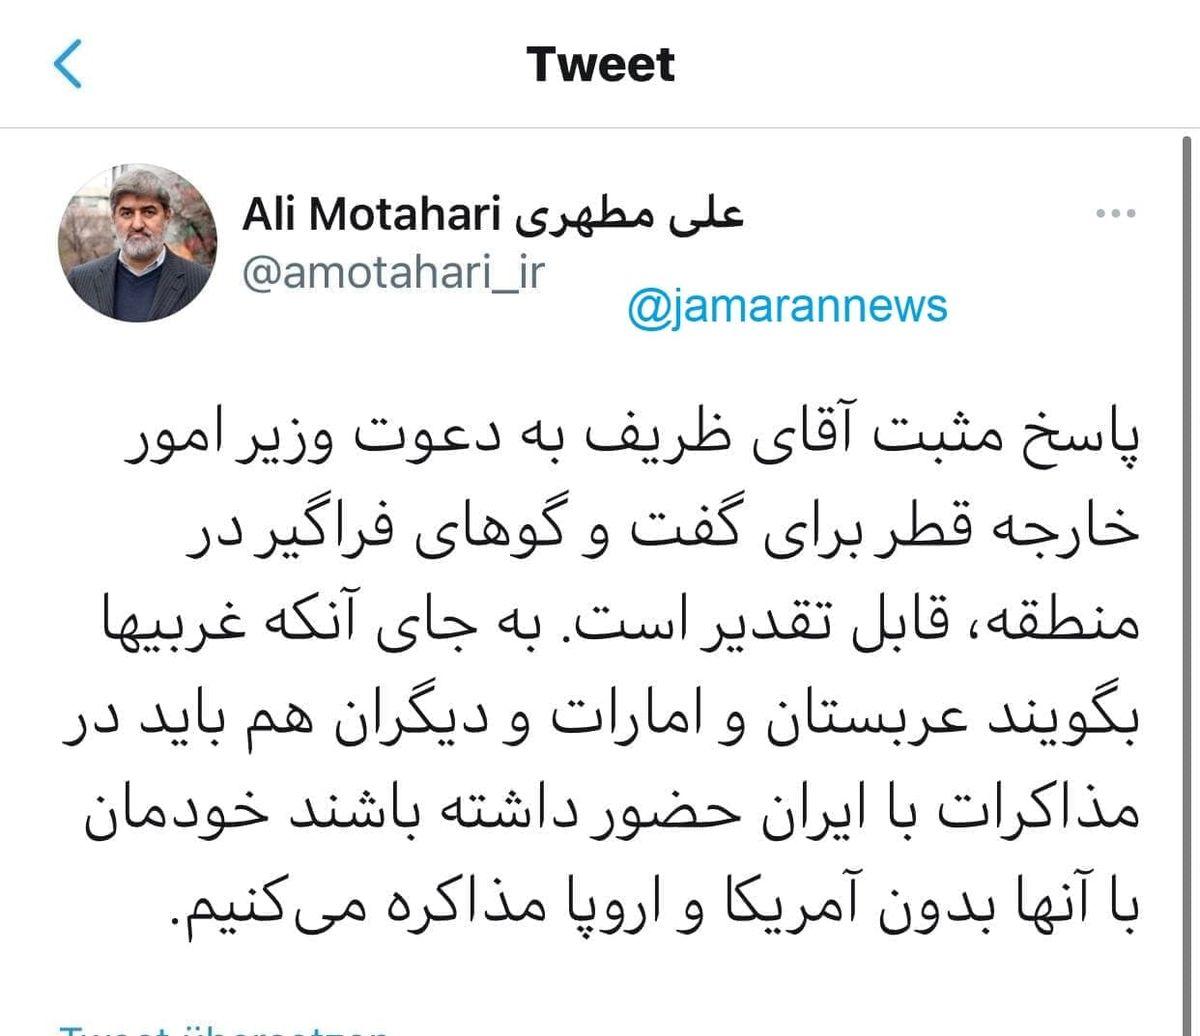 پیشنهاد علی مطهری درباره مذاکره ایران و عربستان + توئیت